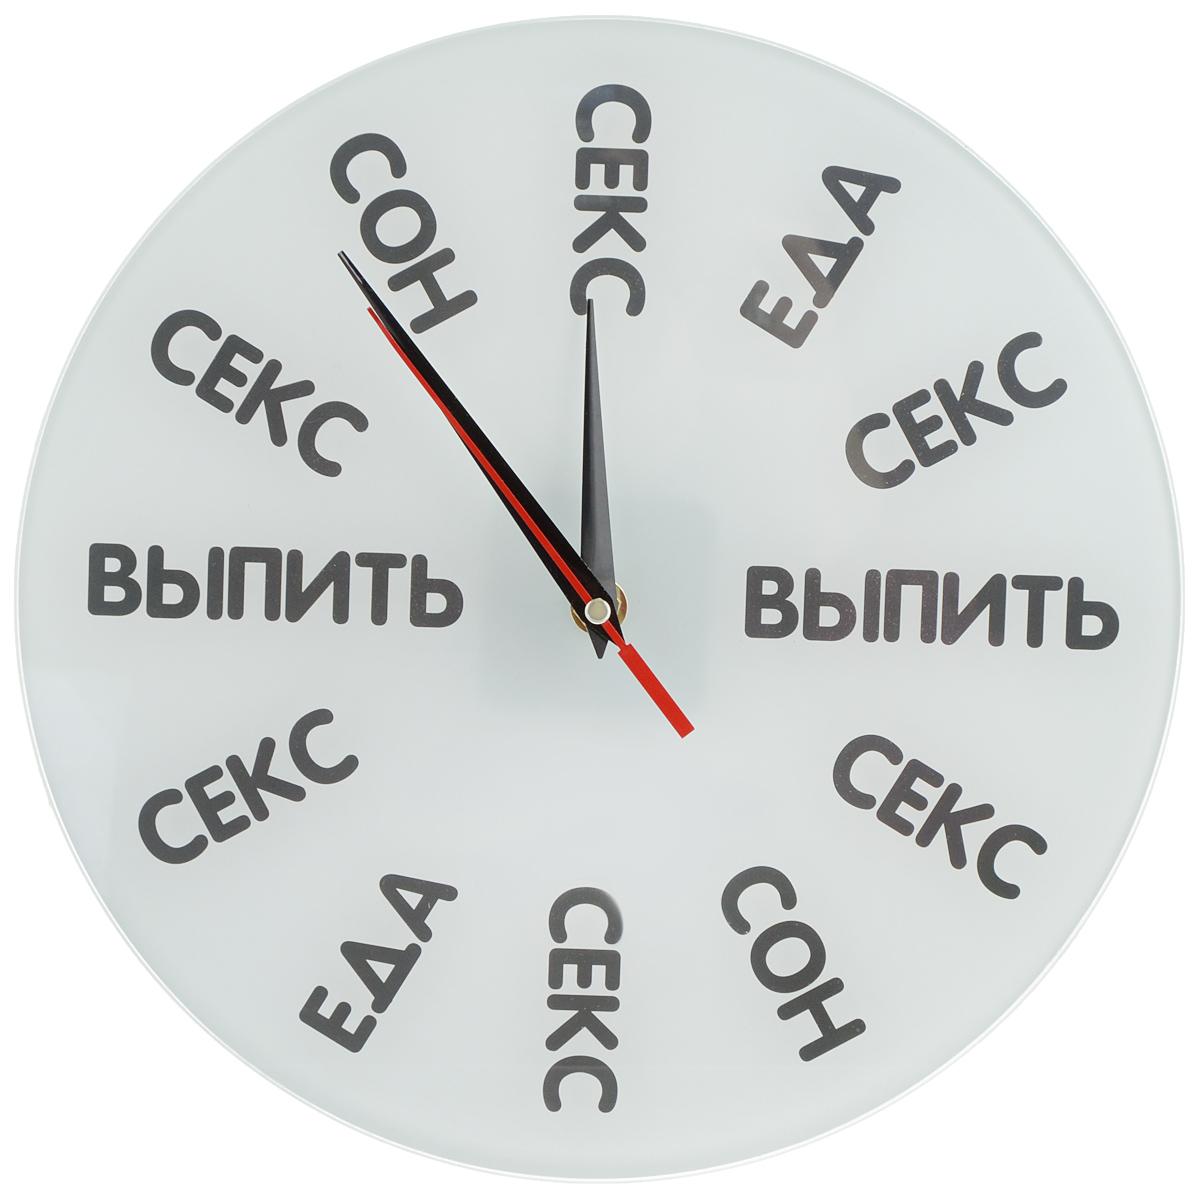 Часы настенные Miolla Расписание, стеклянные, цвет: черный, белый, диаметр 28 см300148_бирюзовыйОригинальные настенные часы Miolla Расписание круглой формы выполнены из закаленного стекла. Часы имеют три стрелки - часовую, минутную и секундную и циферблат с цифрами. Необычное дизайнерское решение и качество исполнения придутся по вкусу каждому. На задней стенке часов расположена металлическая петелька для подвешивания. Часы работают от одной батарейки типа АА.Диаметр часов: 28 см.Такие часы послужат отличным подарком для ценителя ярких и необычных вещей.Батарейка в комплект не входит.